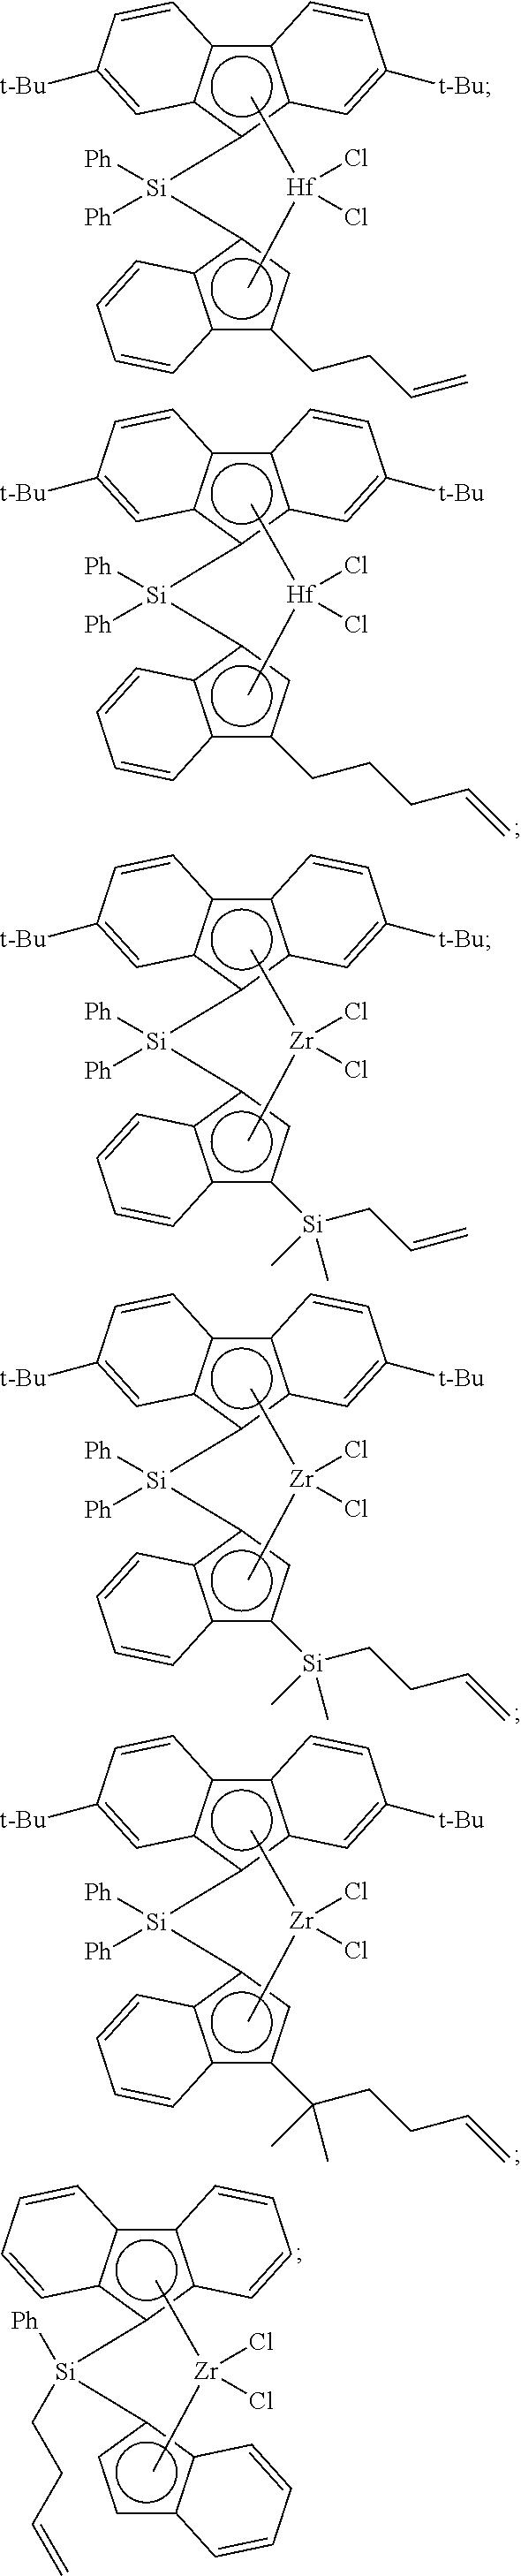 Figure US08288487-20121016-C00032